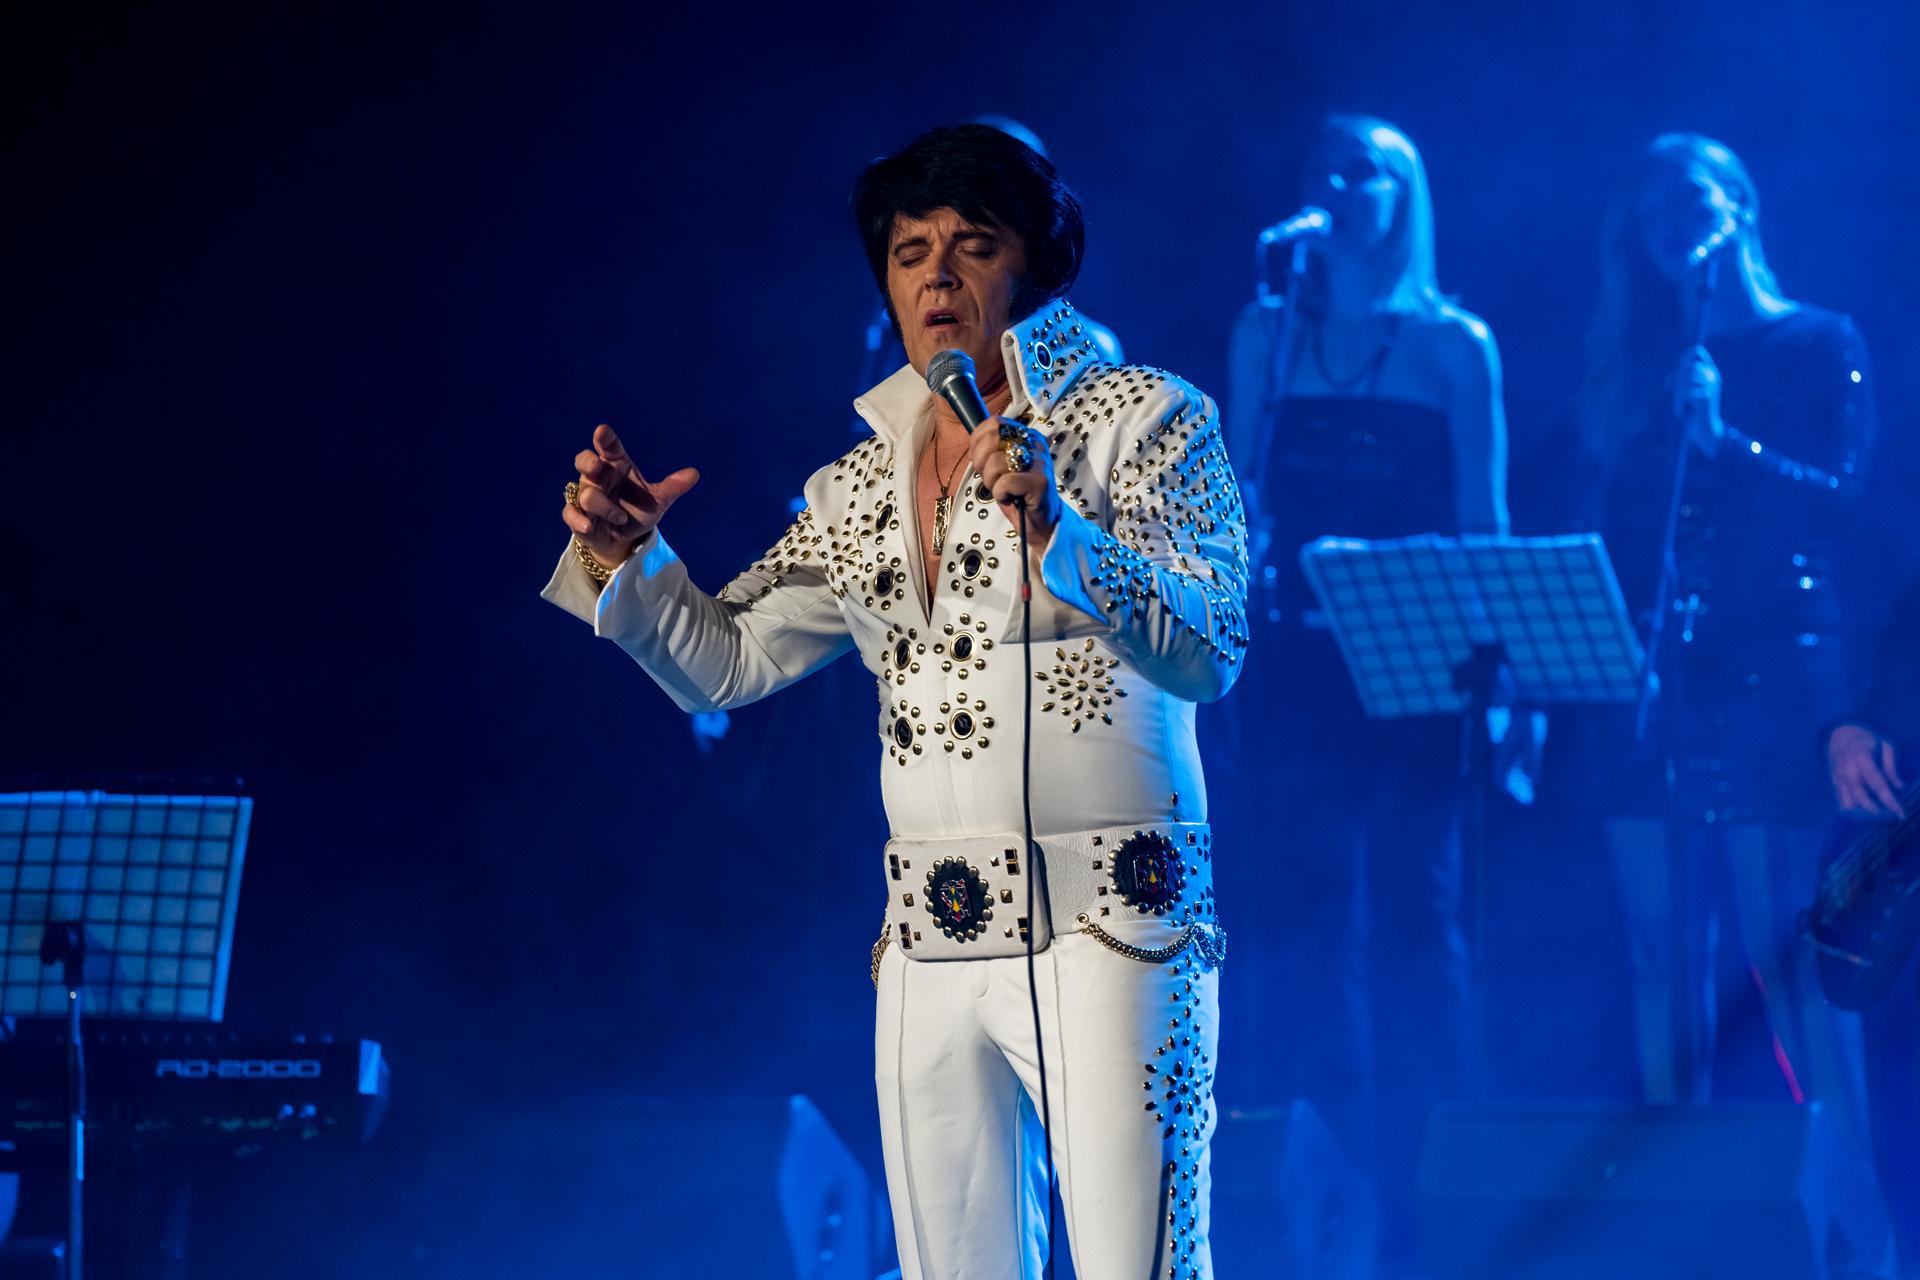 2020_01_14-we4show-Elvis-©-Luca-Vantusso-212541-GFXS2131